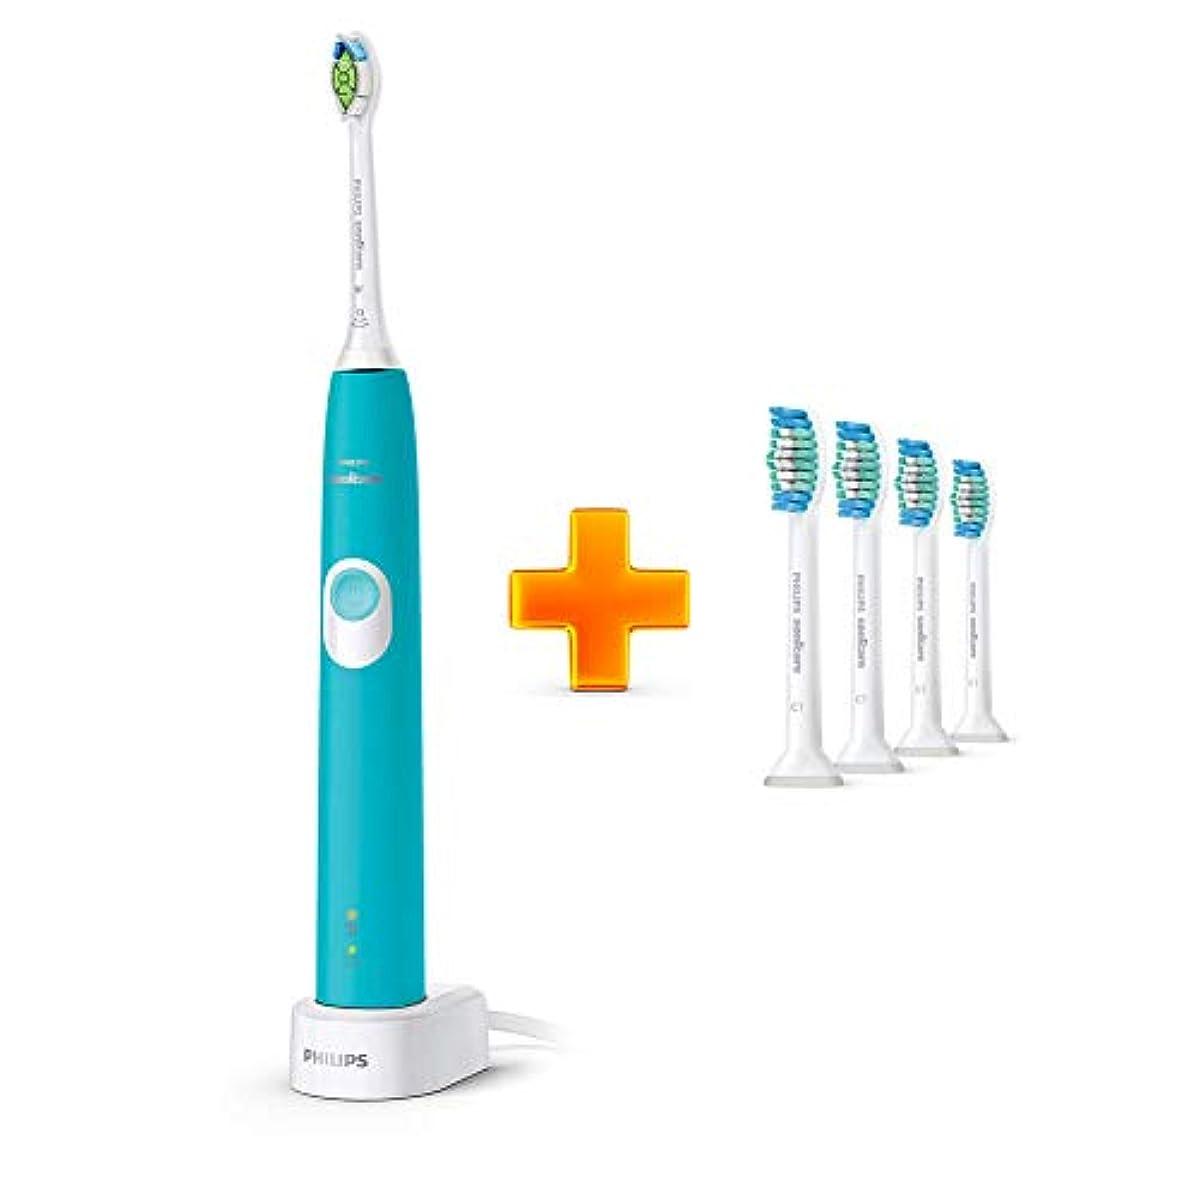 強調同意慢性的Philips Sonicare ProtectiveClean 4300 HX6802プラークコントロール、充電式電動歯ブラシTurkey Blue + PRORESULT歯ブラシHX6014 4 PCS [並行輸入品]